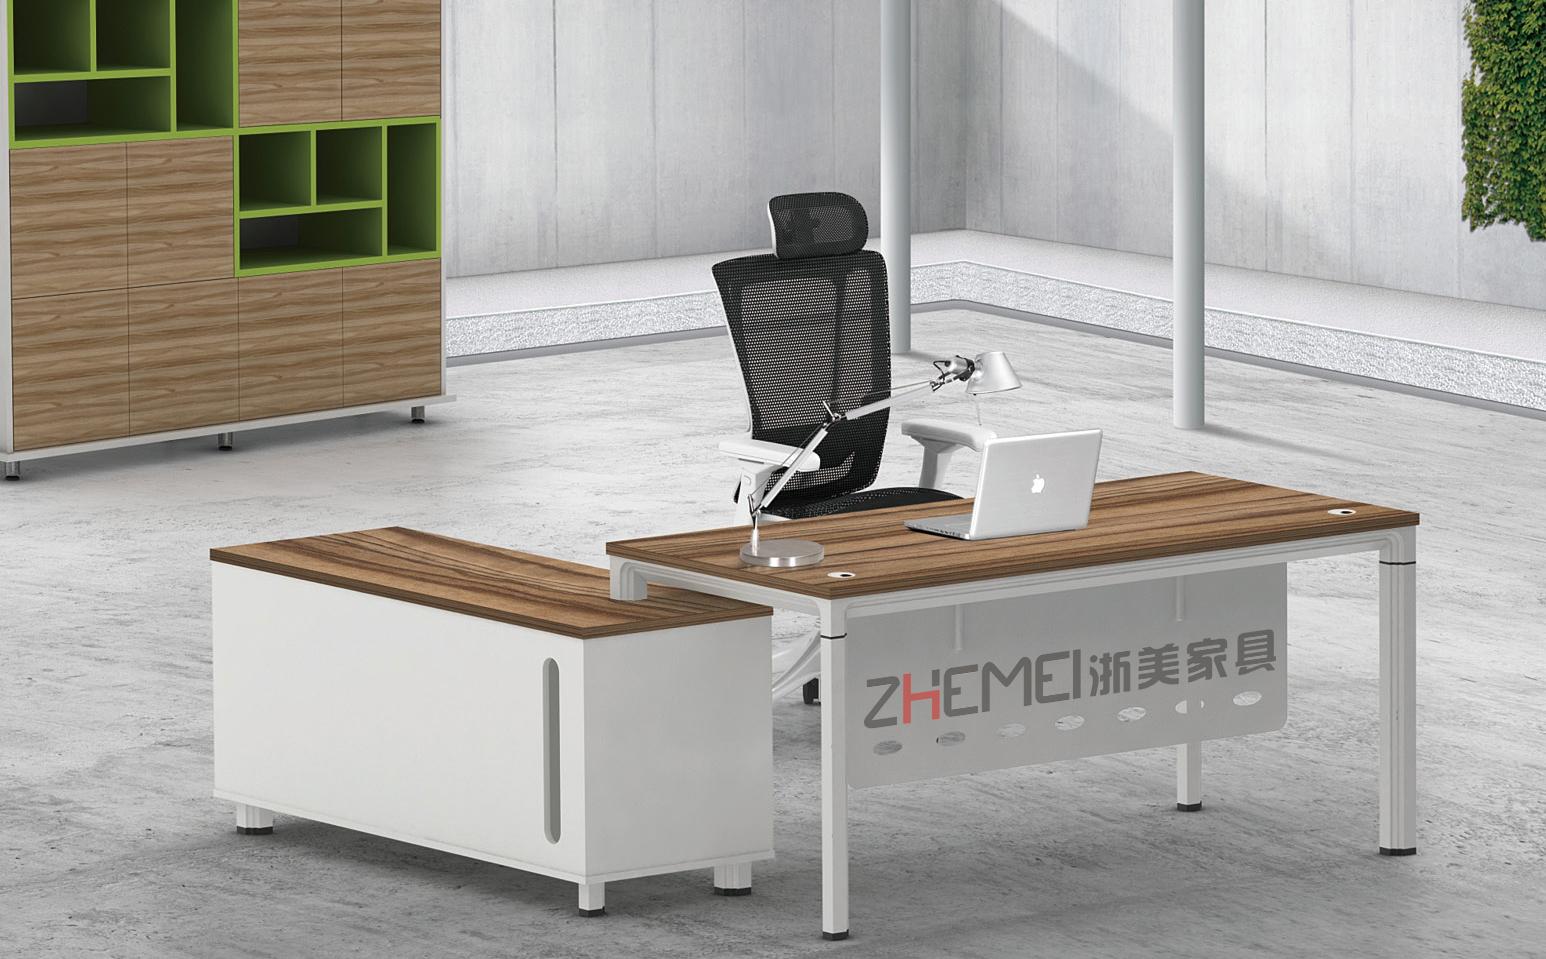 浙美主管桌,办公室电脑桌,办公家具,南京办公桌款式四侧面产品展示图